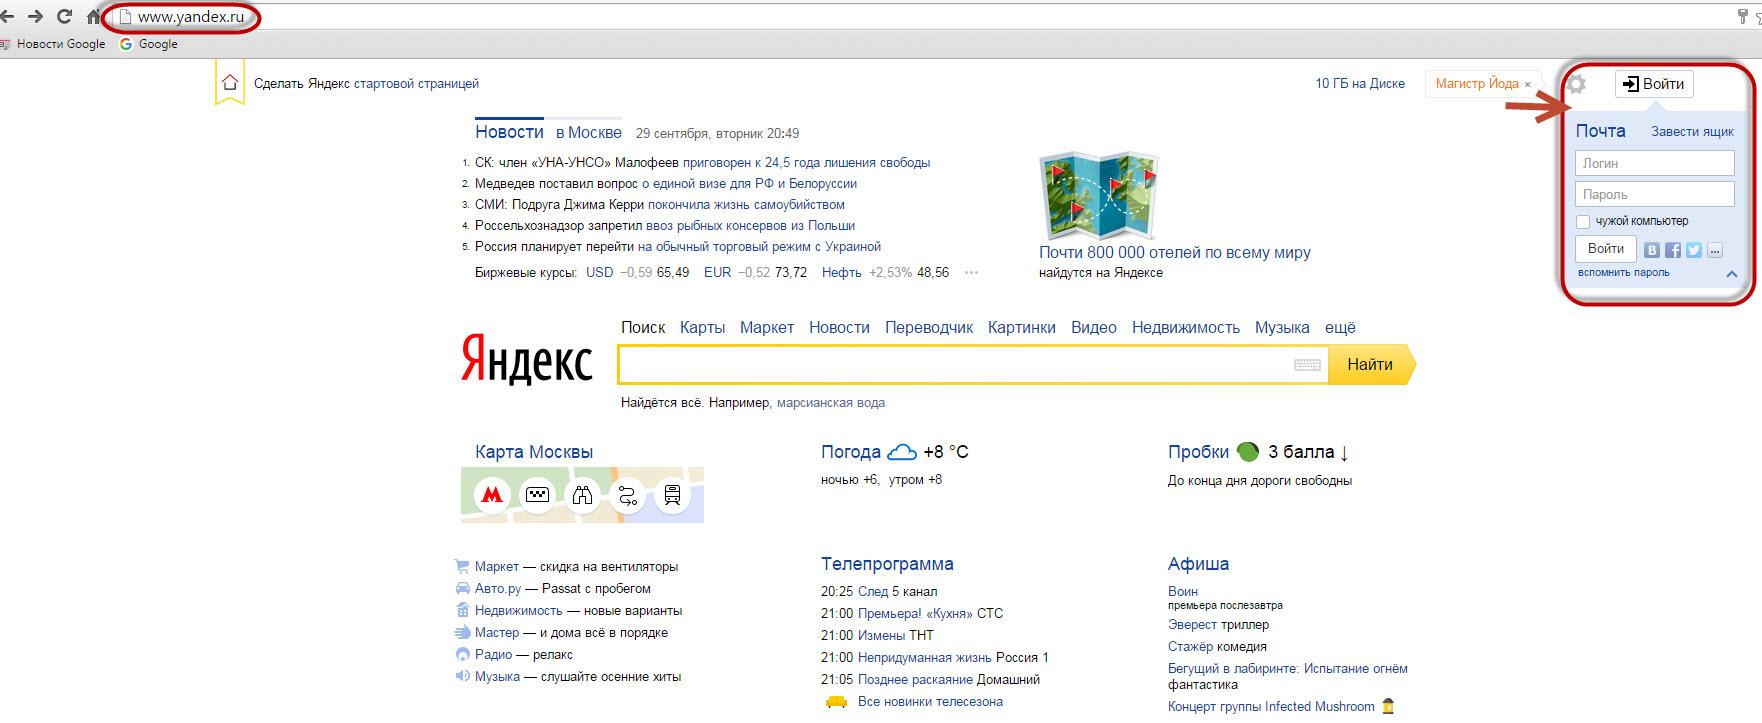 Как поставить пароль на браузер: Яндекс, Google 21